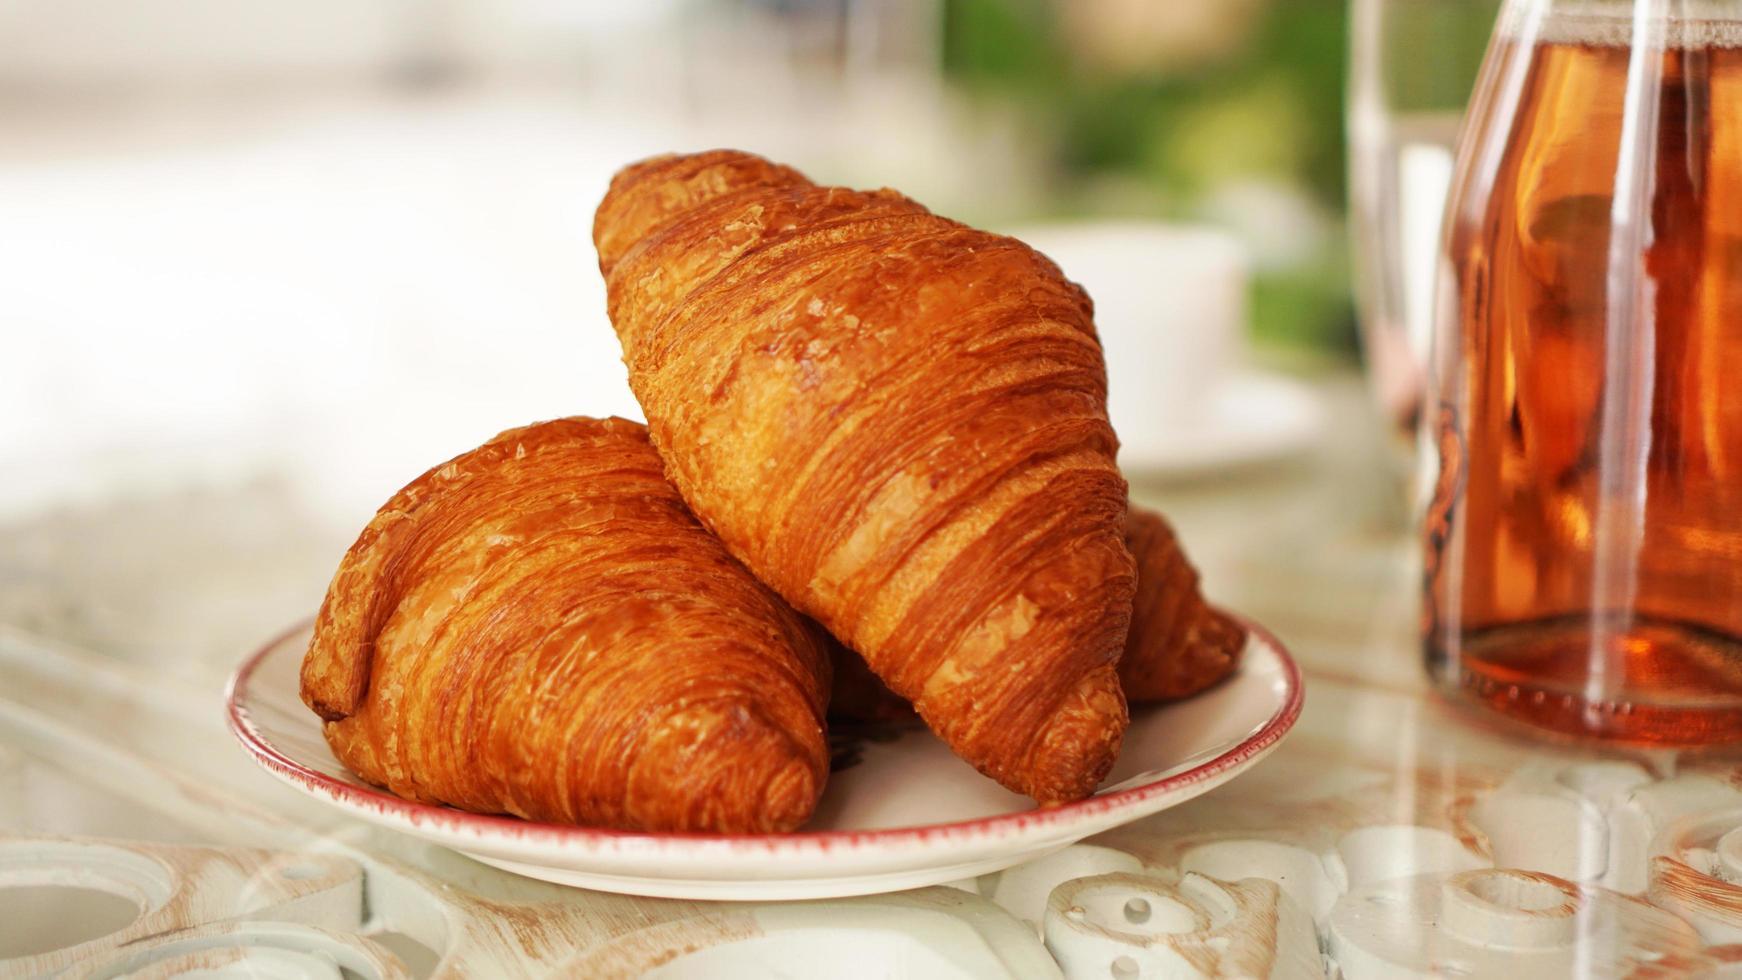 två färska croissanter på en tallrik på ett glasbord. frukost koncept foto